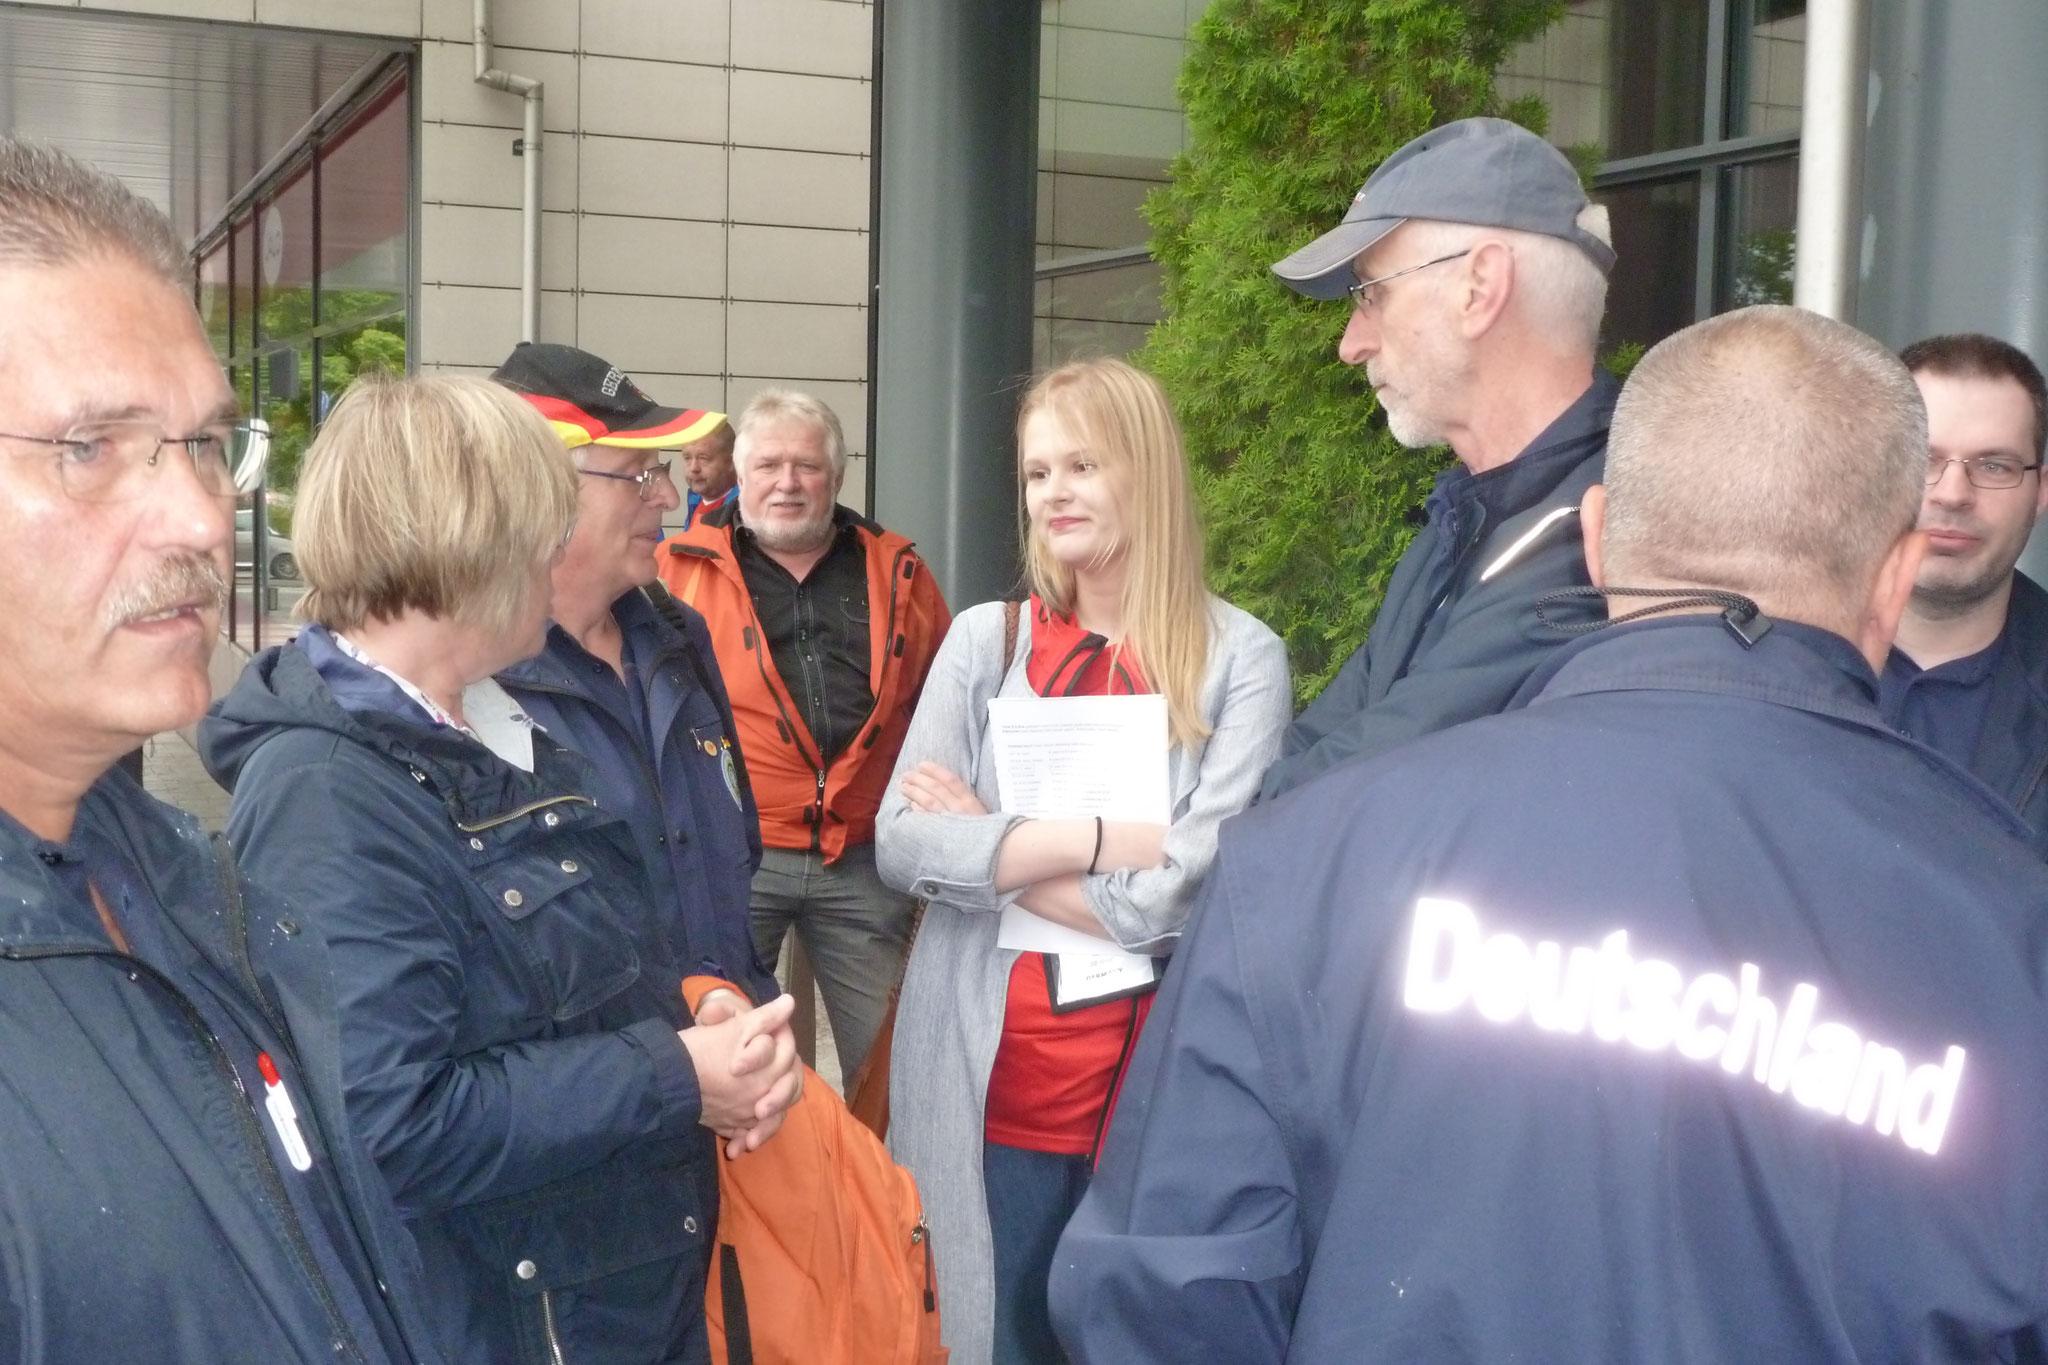 Am nächsten Morgen stellte sich Anna vor, die der deutschen Mannschaft als Hostess für die Tage der WM zugeteilt war.